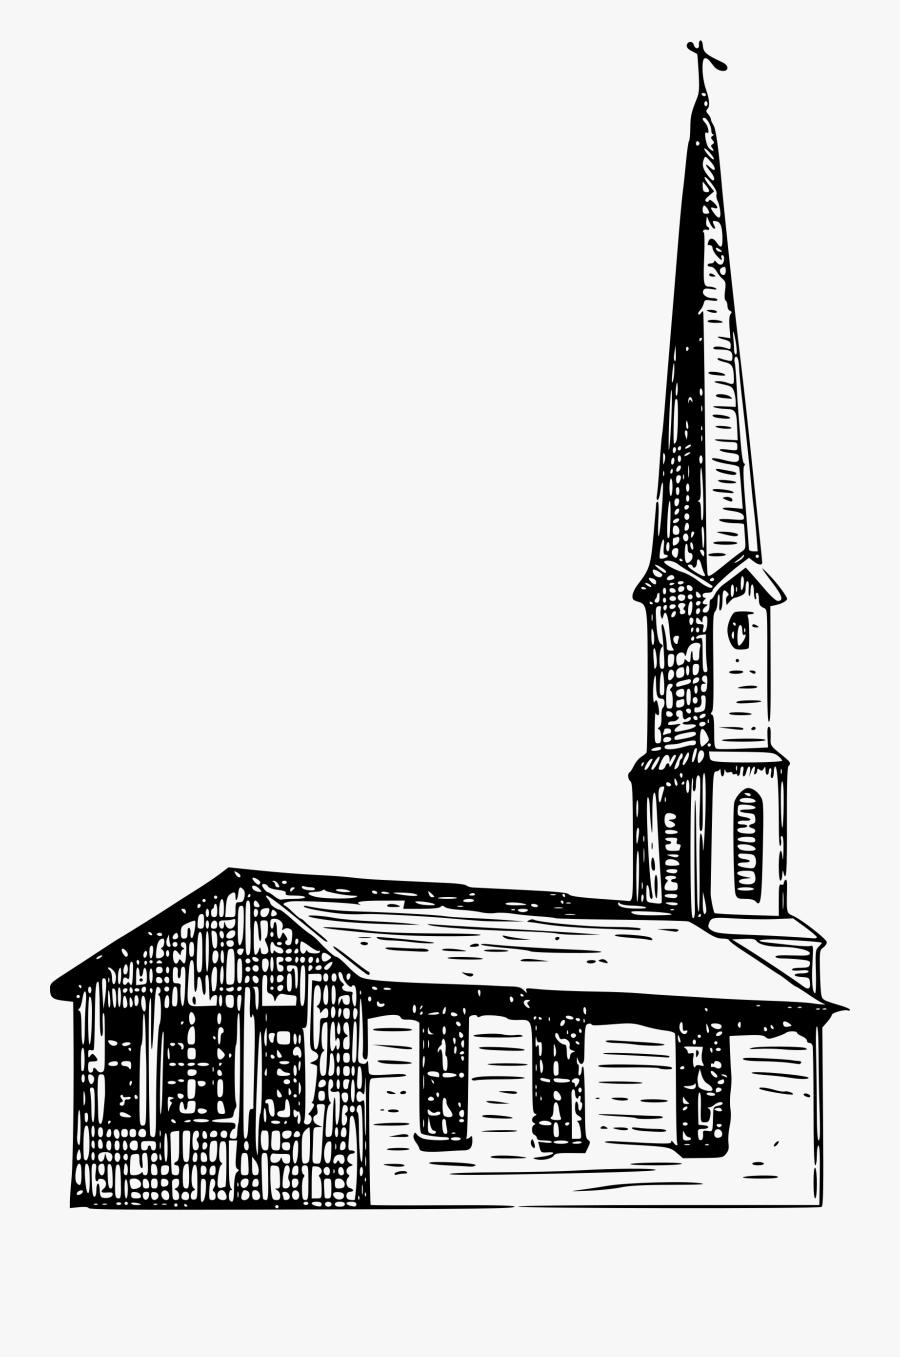 Small Church Clip Arts - Church, Transparent Clipart